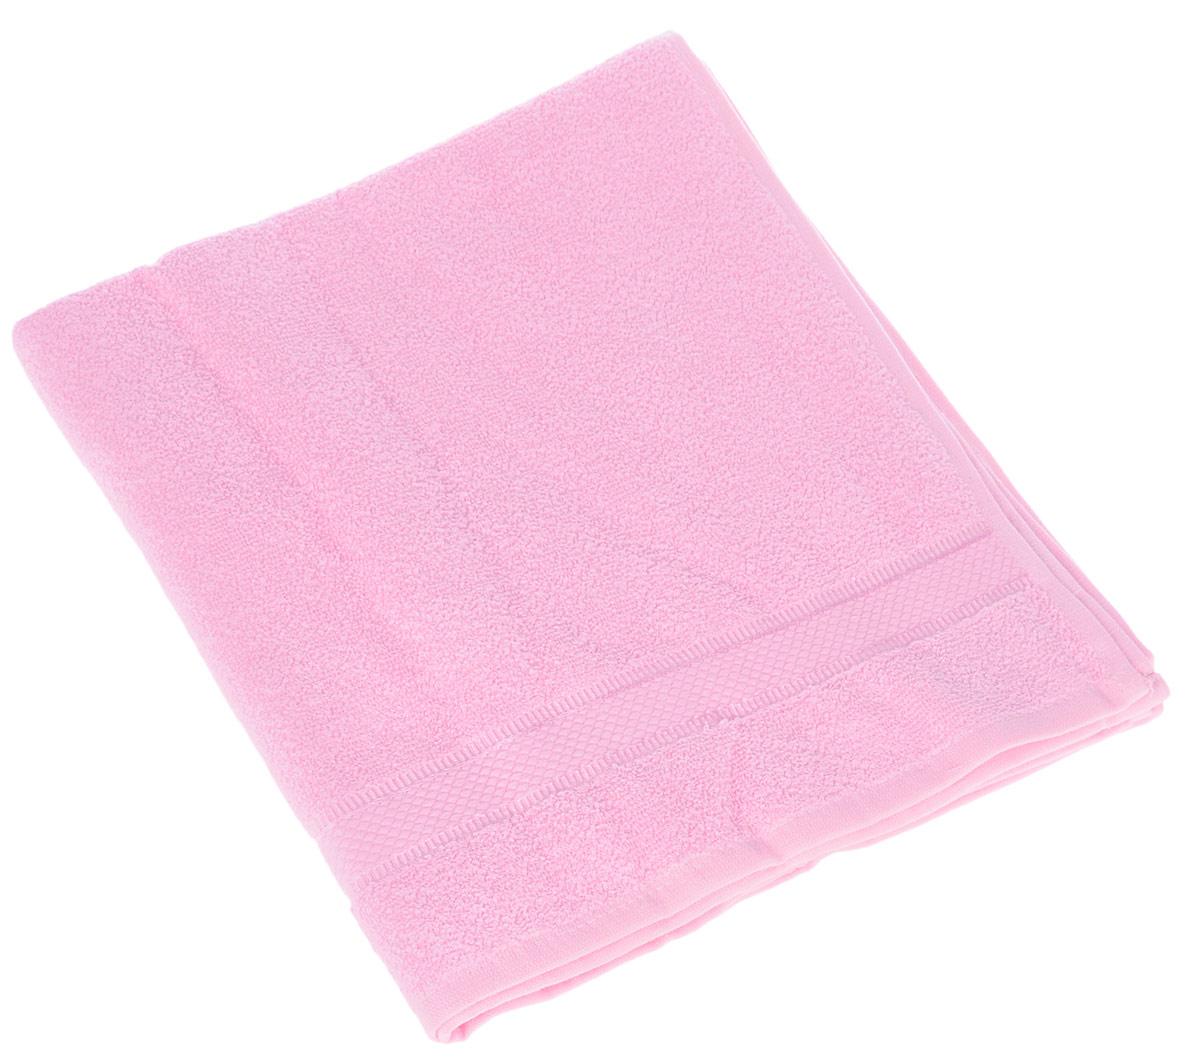 Полотенце Brielle Basic, цвет: розовый, 70 х 140 см1210Полотенца Brielle приятно удивляют и дают возможность почувствовать себя творцом окружающего декора.